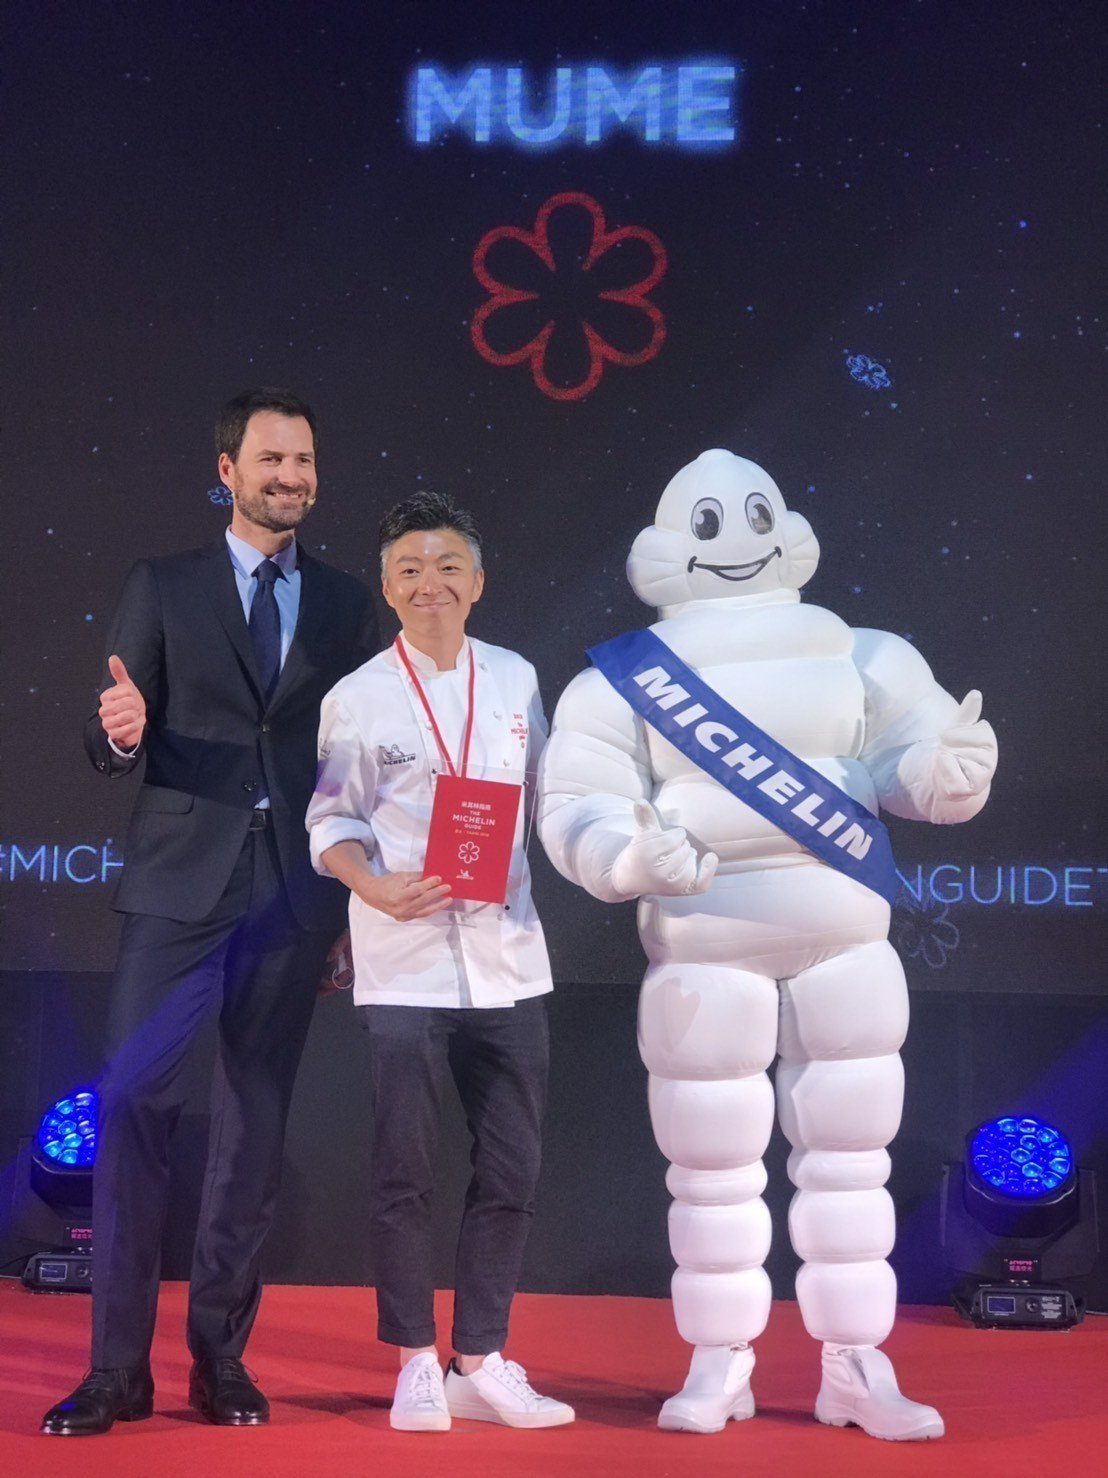 時尚歐式餐廳MUME在《台北米其林指南2019》再度摘下一星。記者陳立凱/攝影